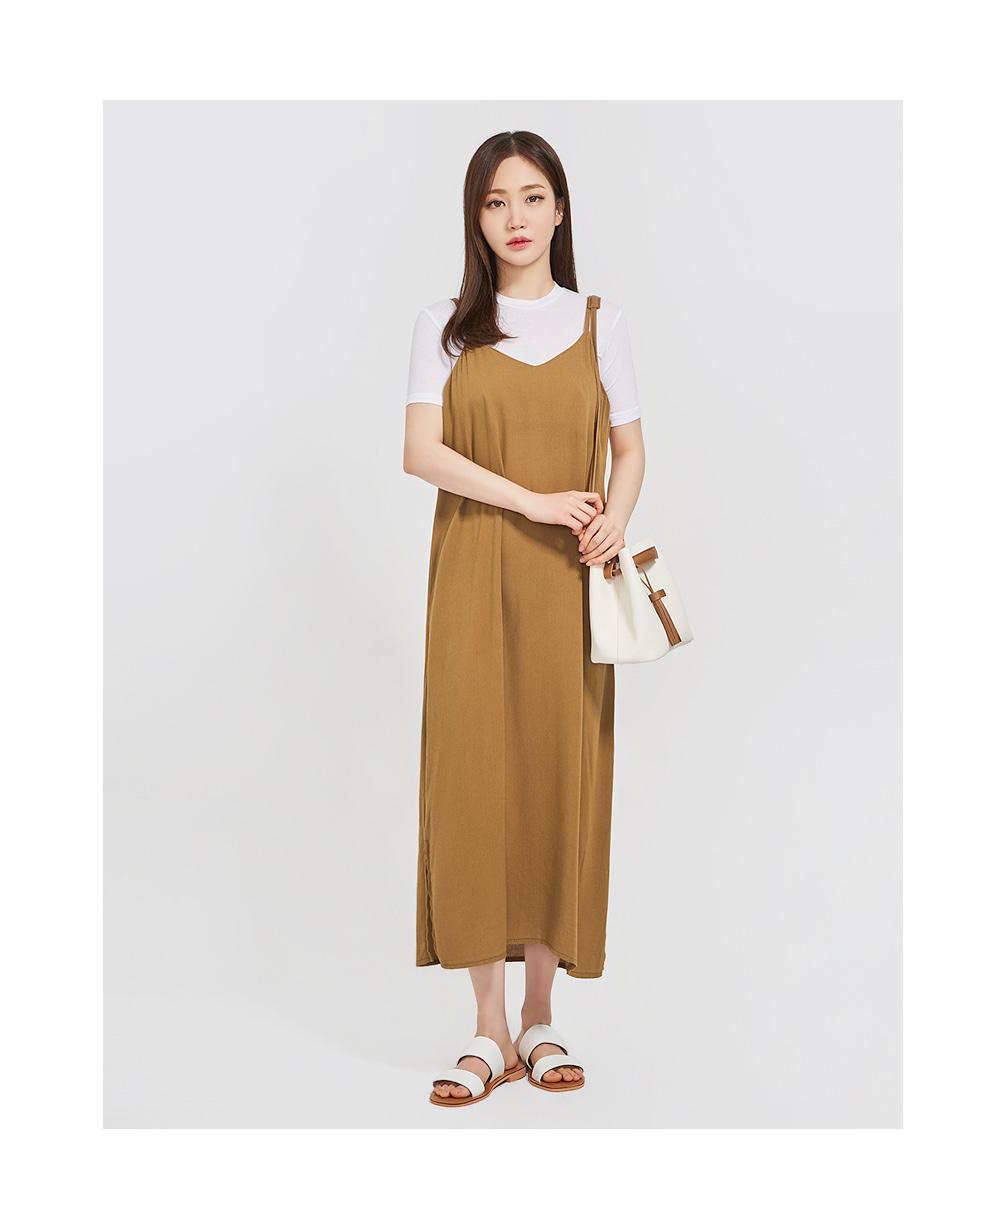 AIN - Korean Fashion - #Kfashion - Come Two-Way Bag